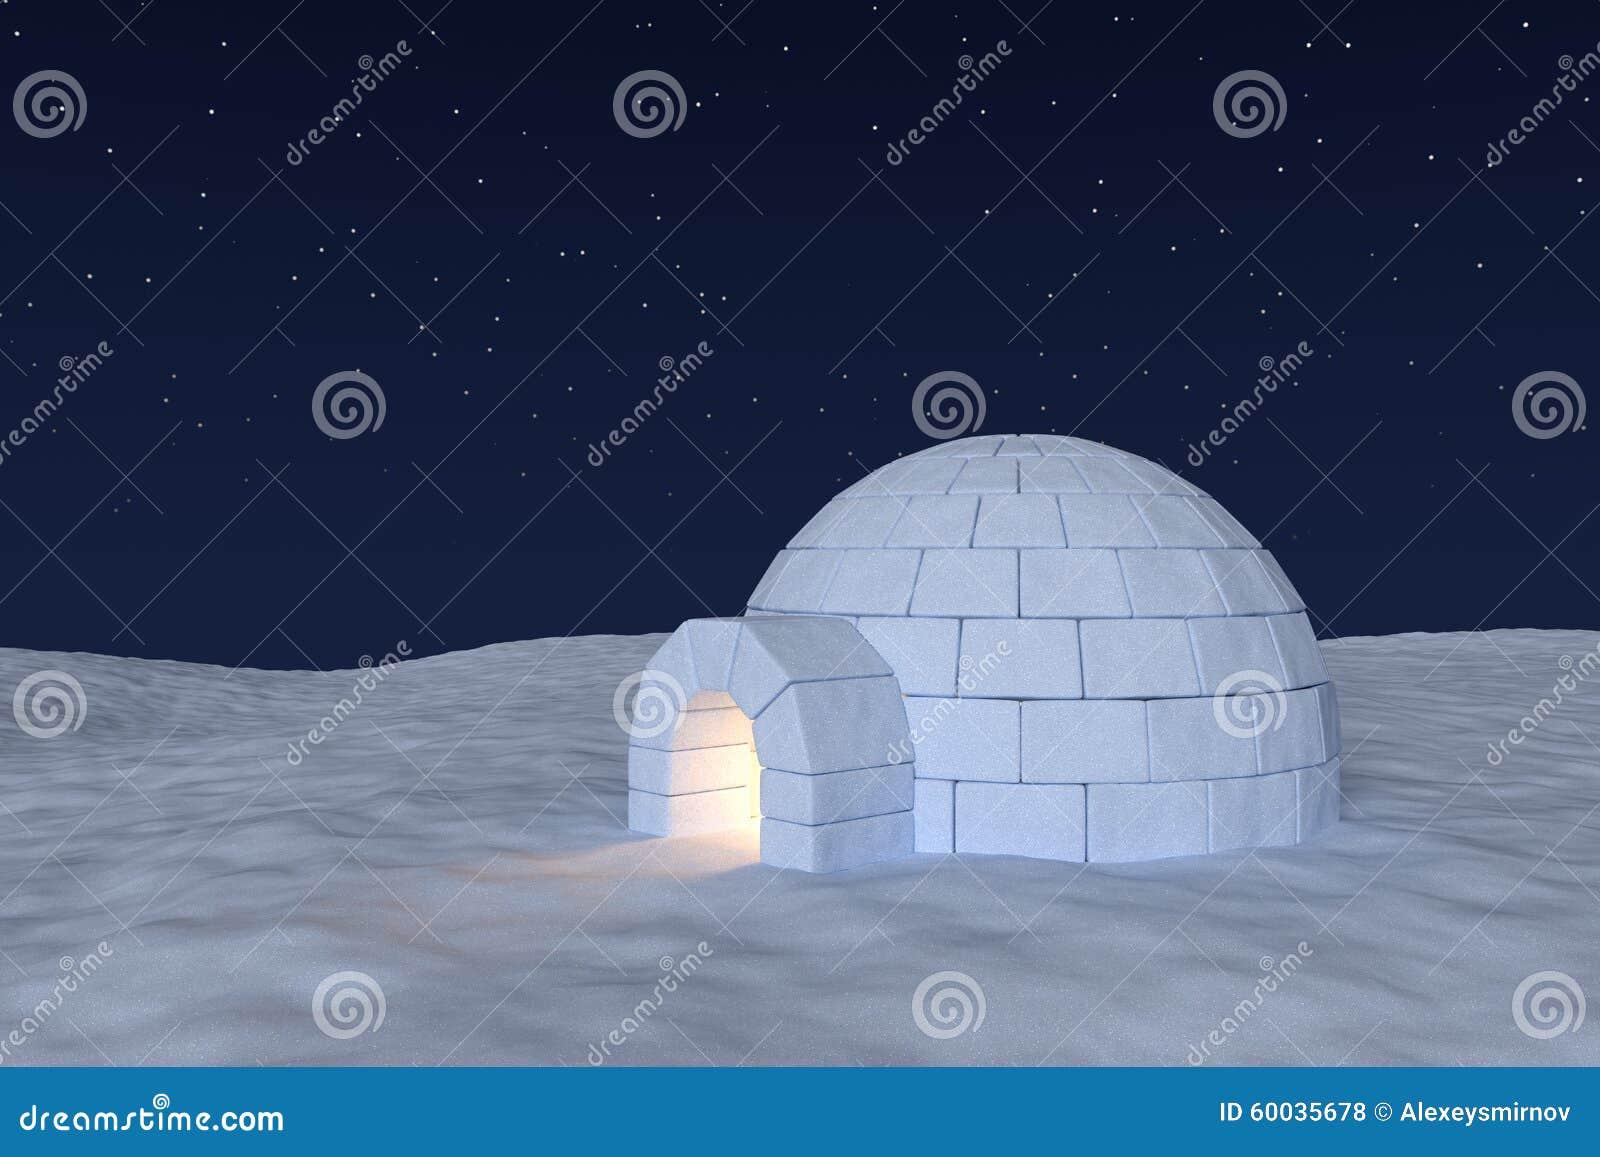 Ghiacciaia dell iglù con luce calda dentro sotto cielo notturno con le stelle